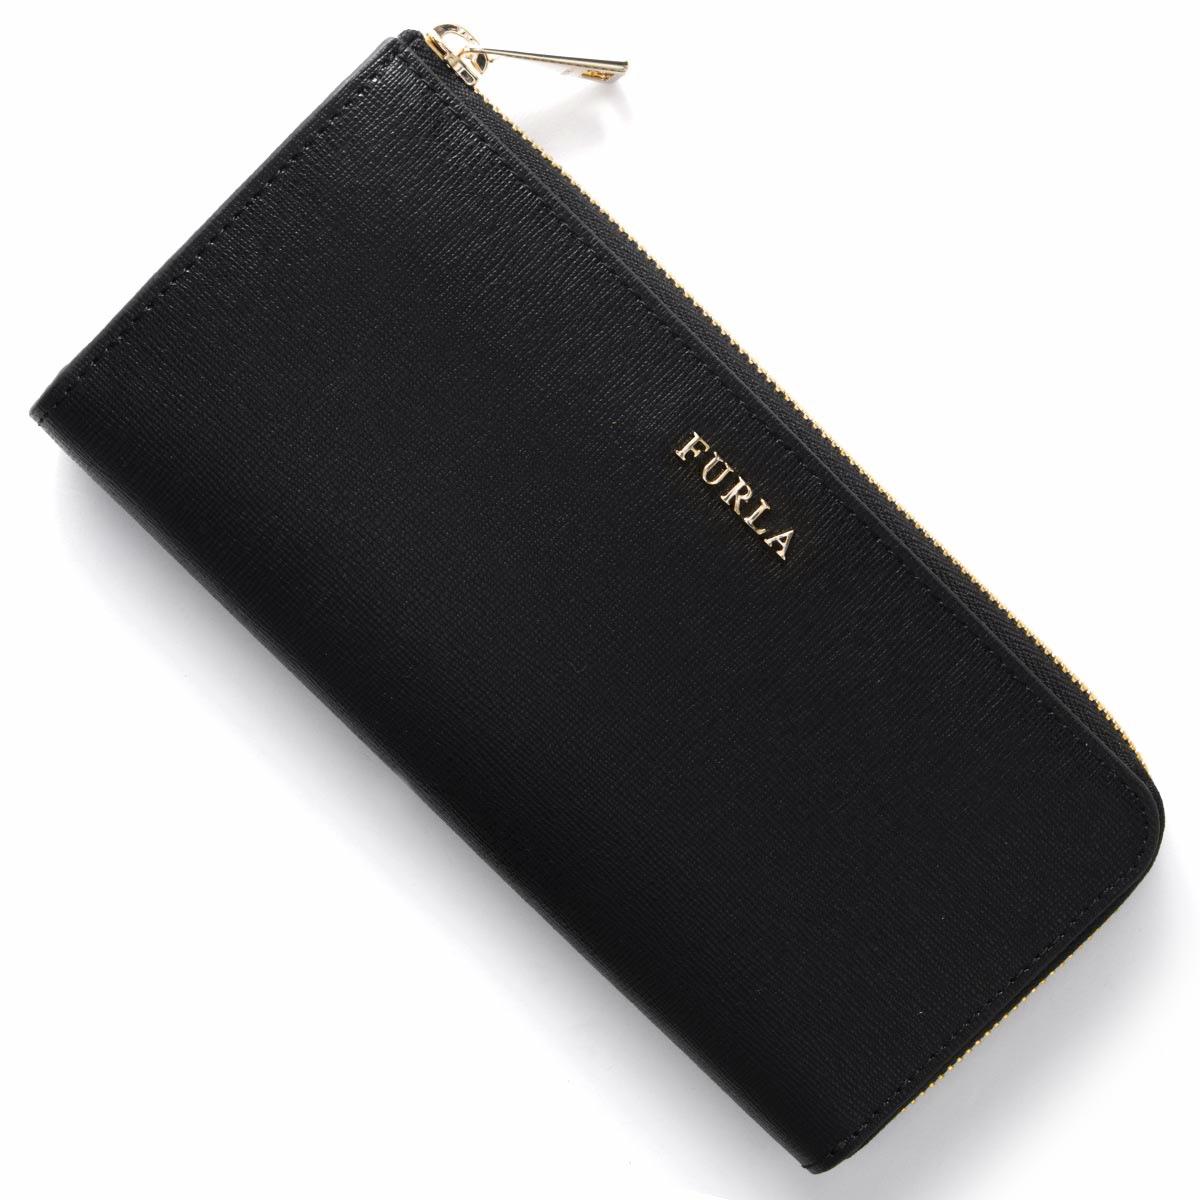 フルラ 長財布 財布 レディース バビロン ブラック PS13 B30 O60 907862 FURLA